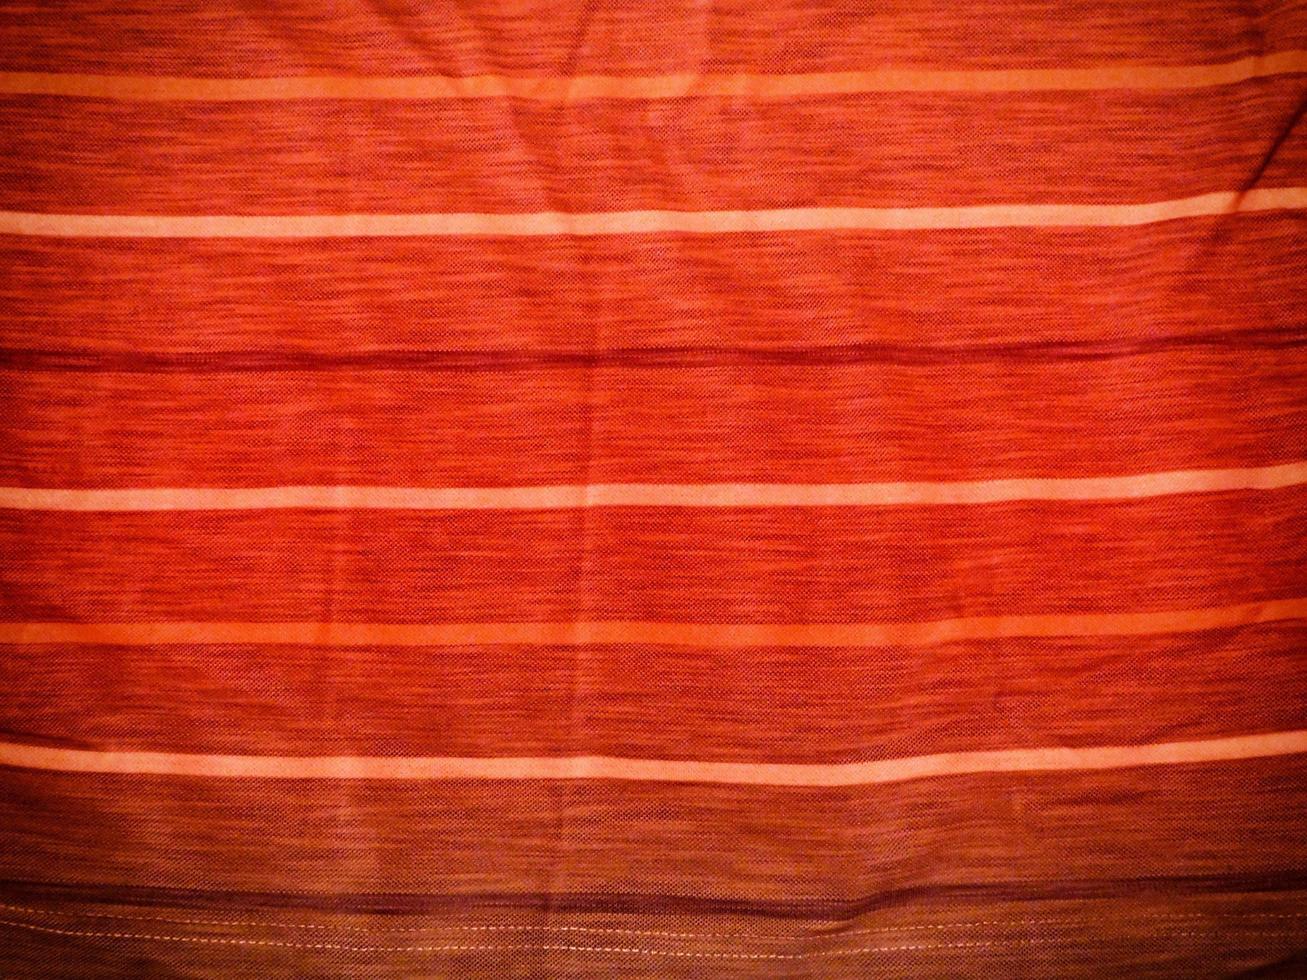 roter Stoff für Hintergrund oder Textur foto